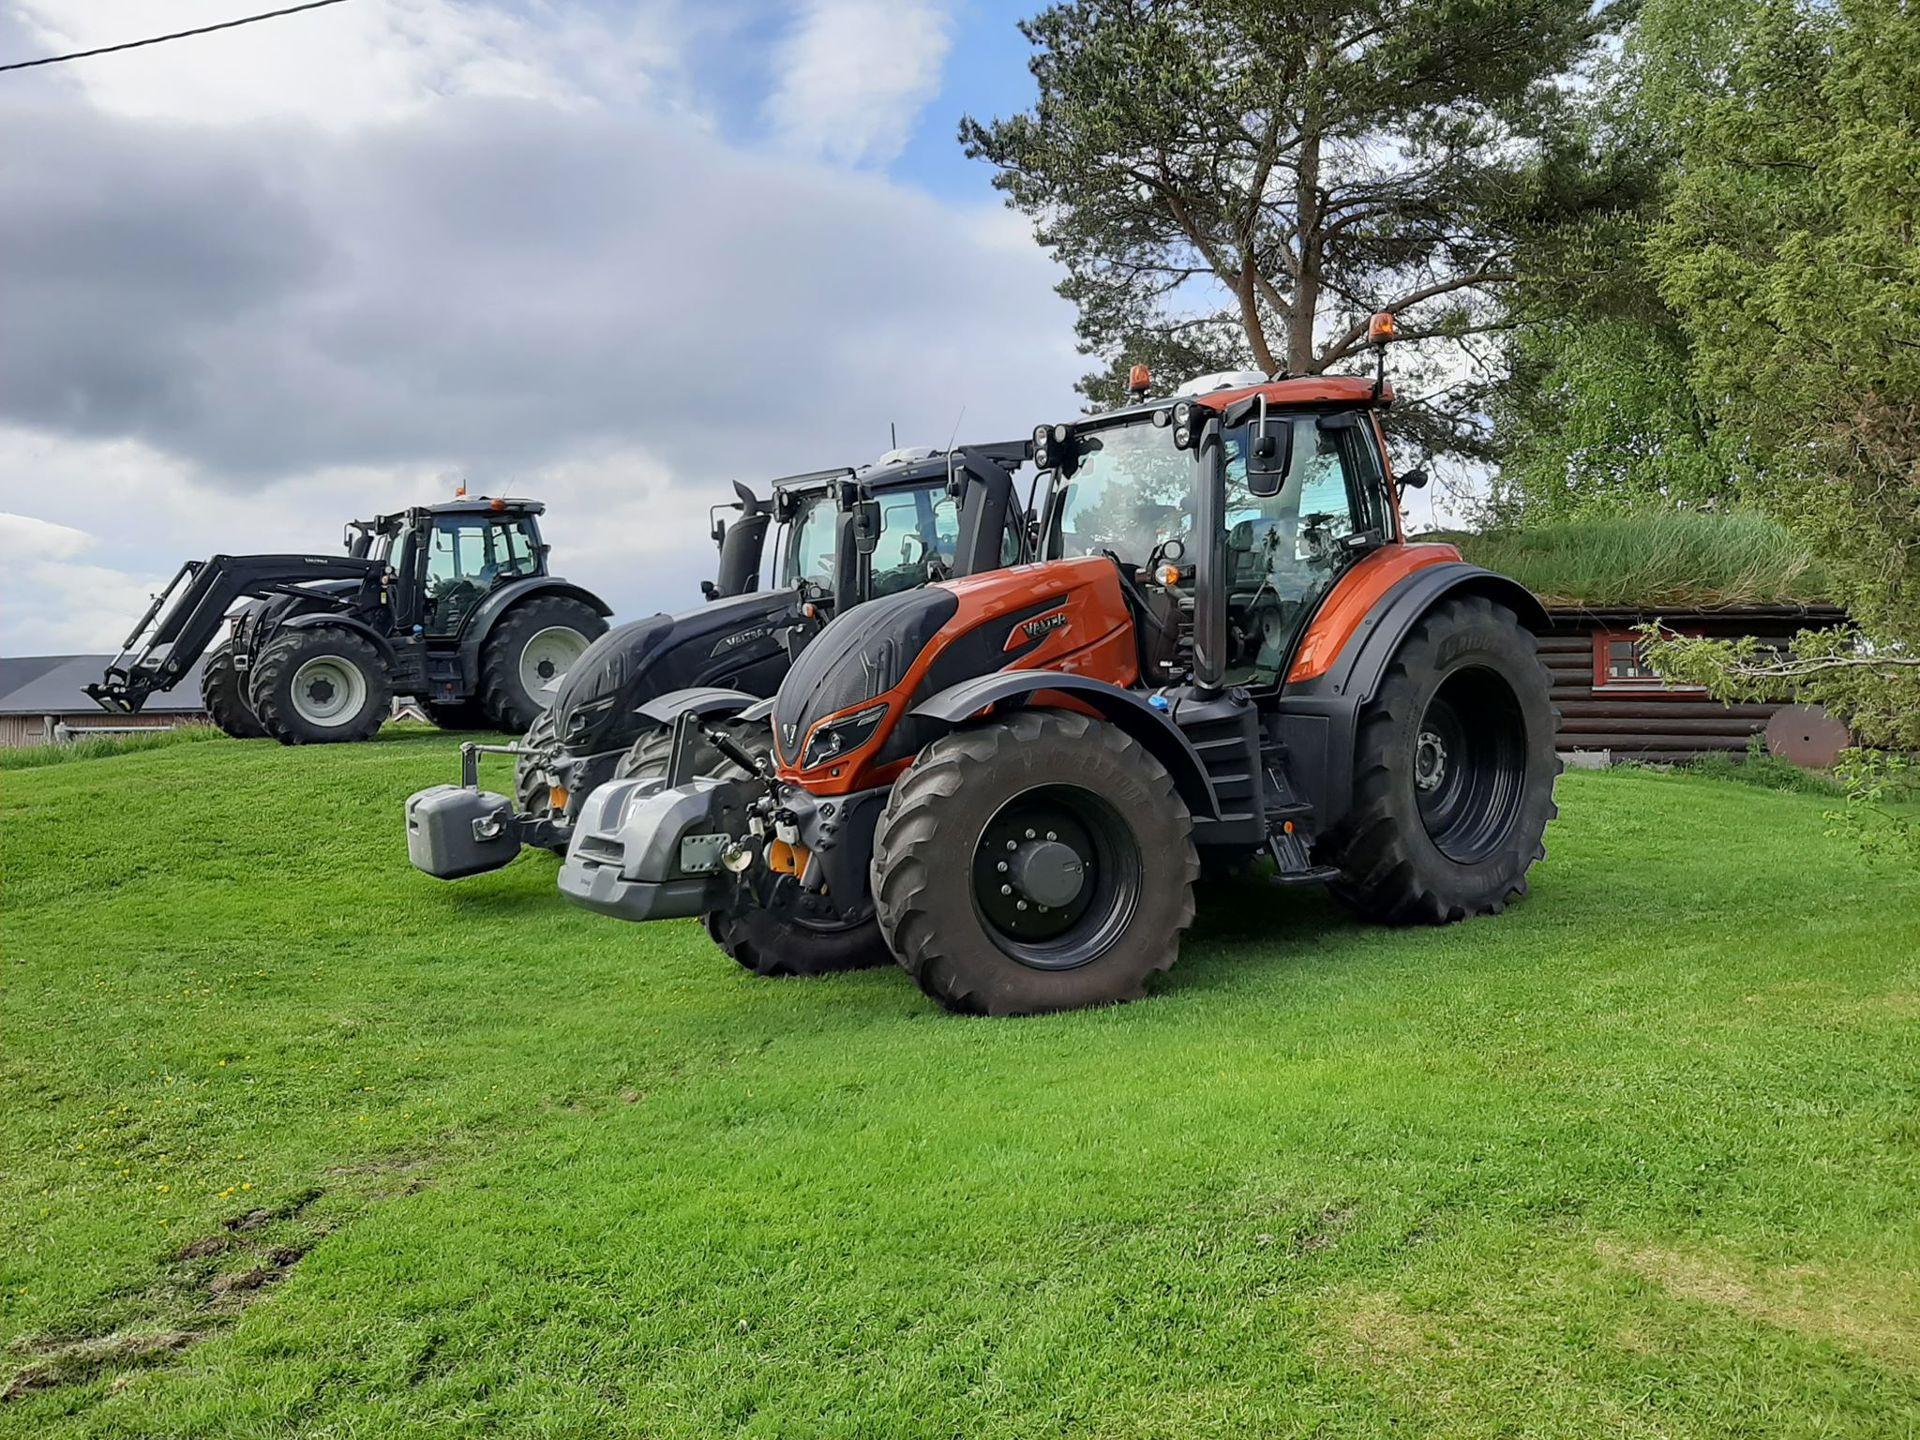 1 Traktor utstilling.jpg